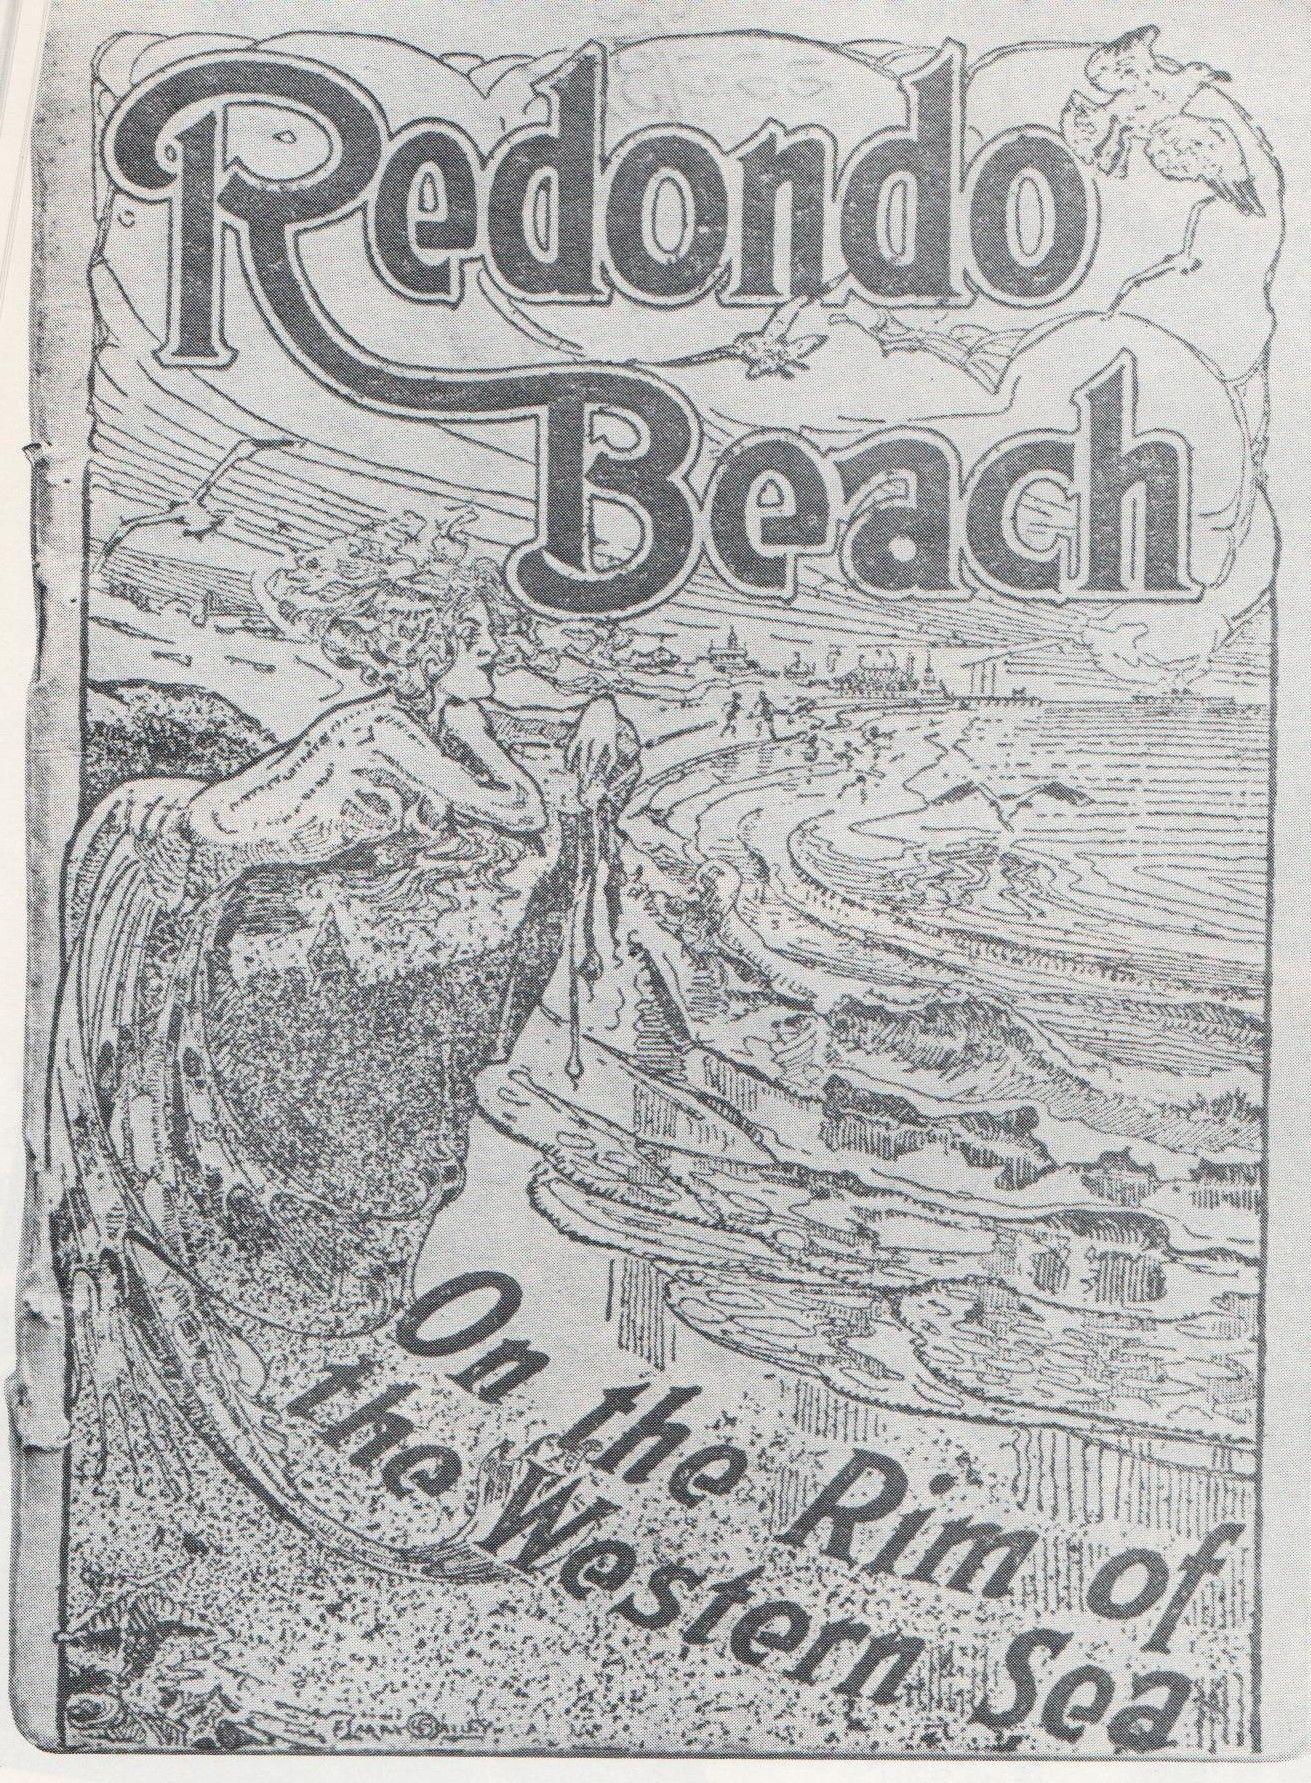 Old redondo beach poster torranceredondo bch my hometown old redondo beach poster sciox Gallery